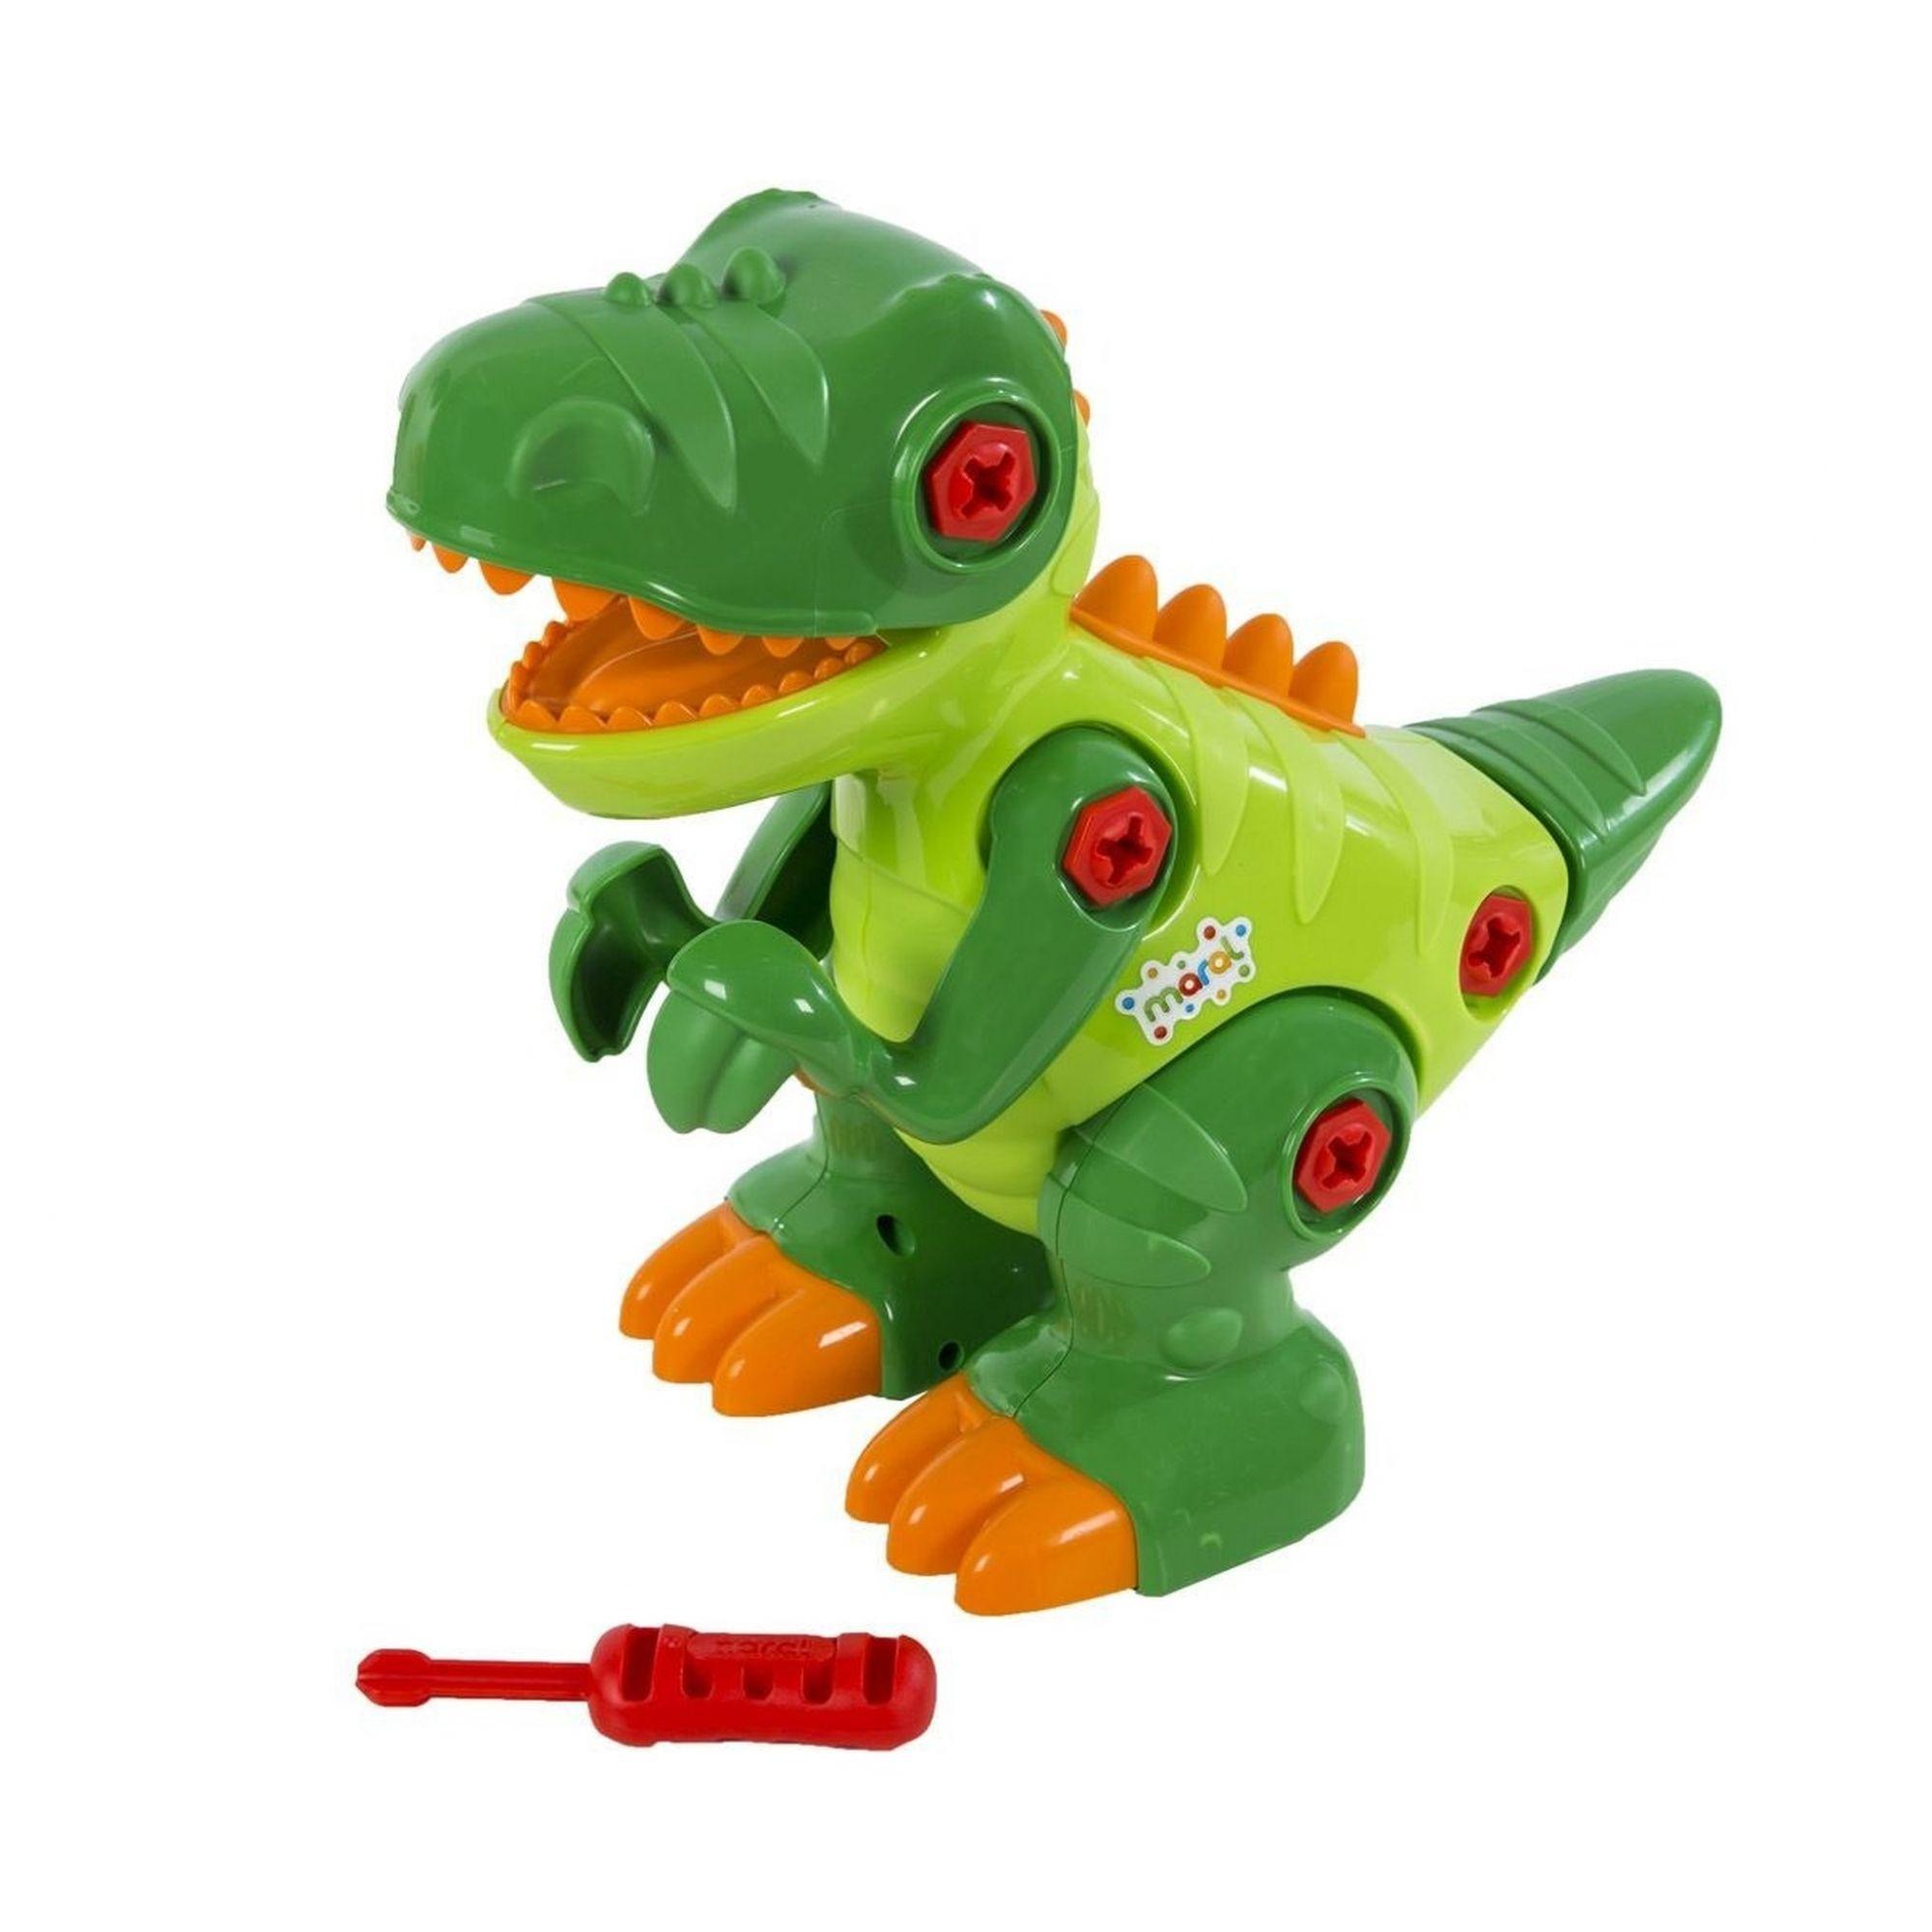 Brinquedo Dinossauro T-rex Com Som - Maral